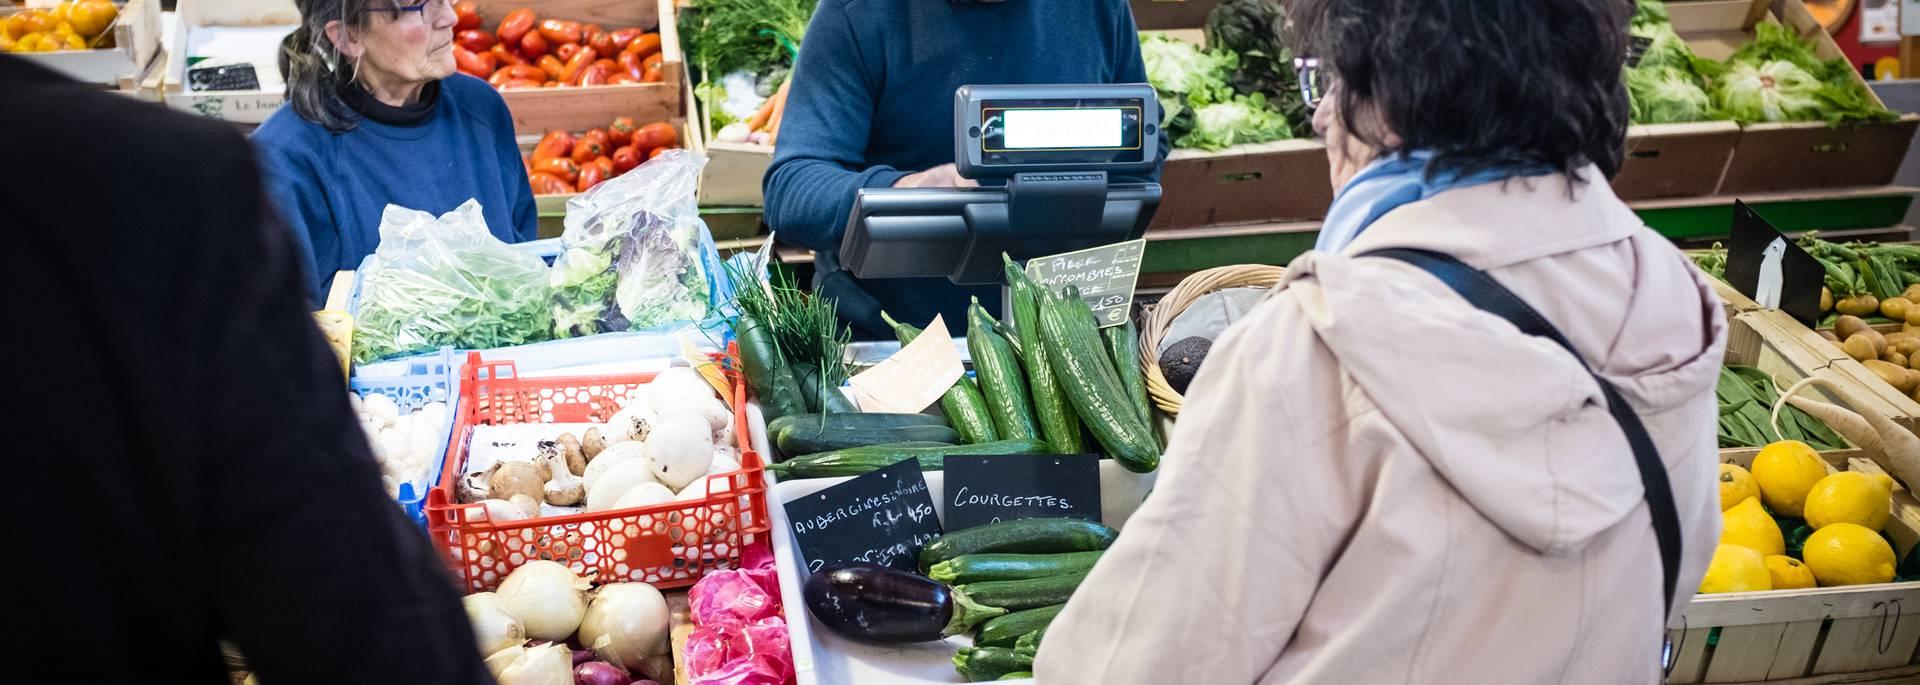 Markt Epinal - Überdachter Markt - Lokale Produkte - Lokale Produkte - Produkte der Vogesen